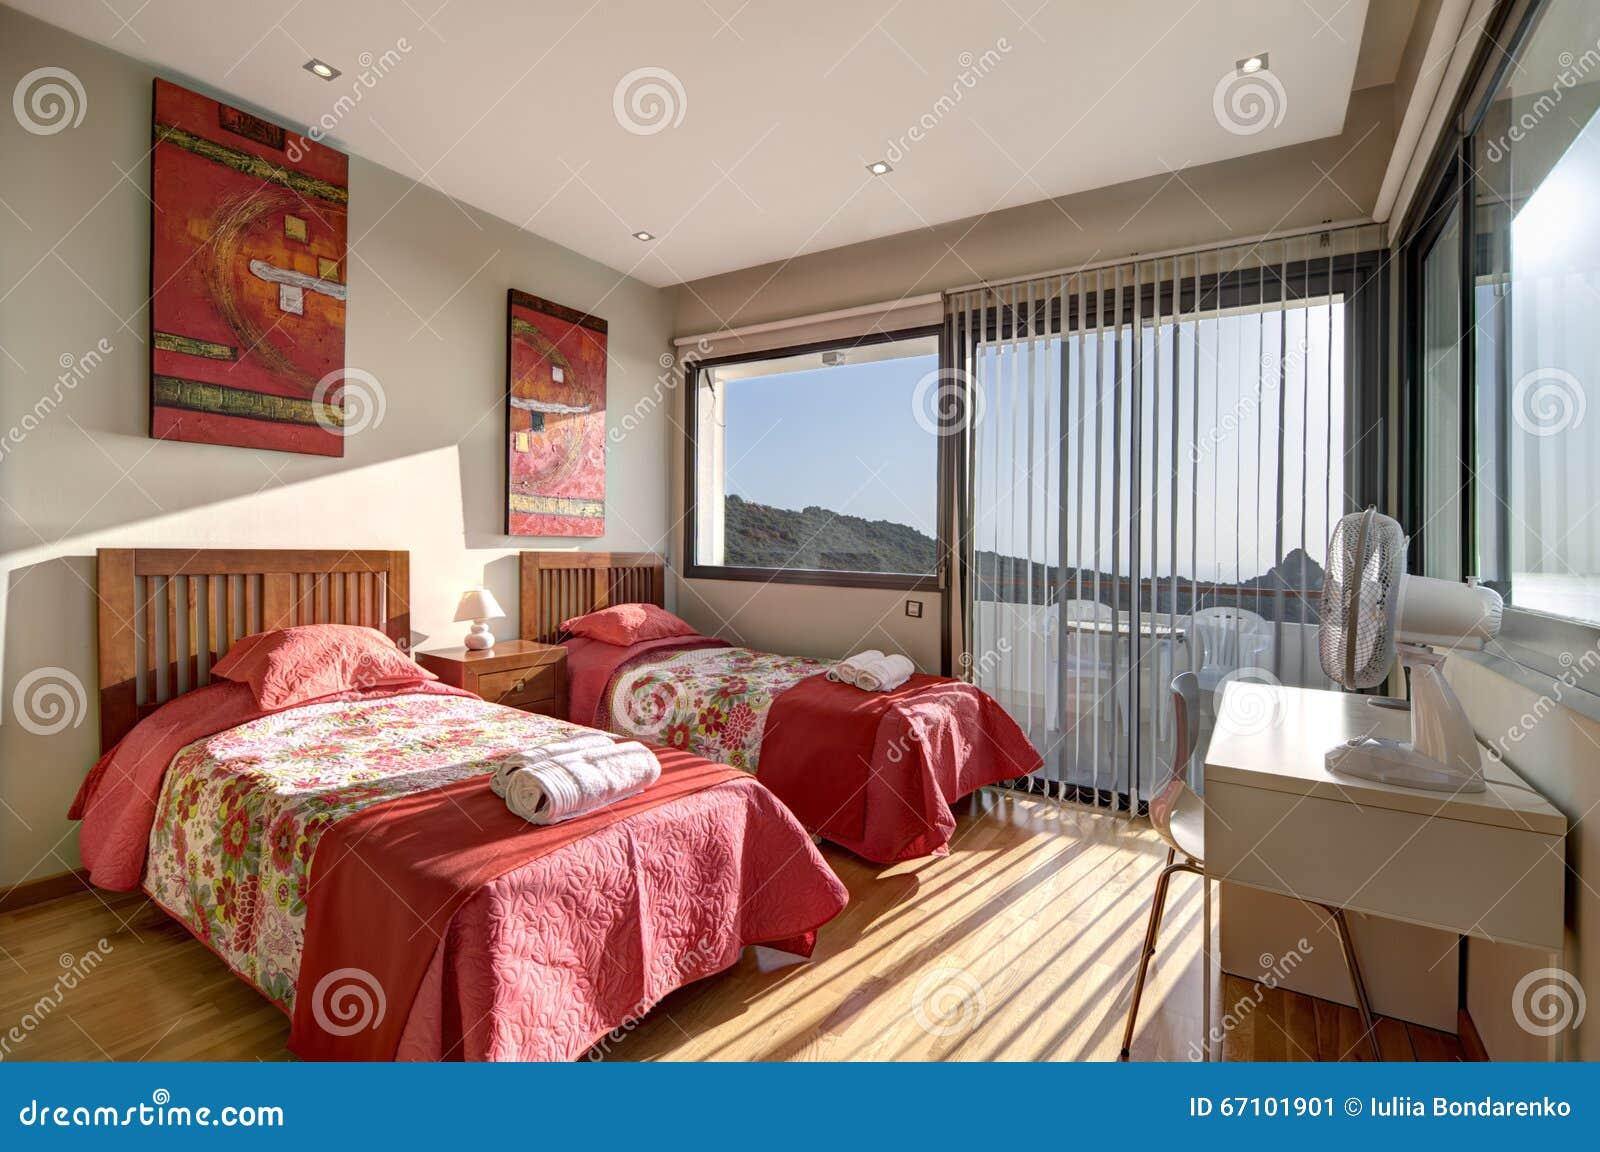 Camere da letto stile country luigi xiv sposa il country in camera da letto la stampa camere - Camere da letto stile country ...